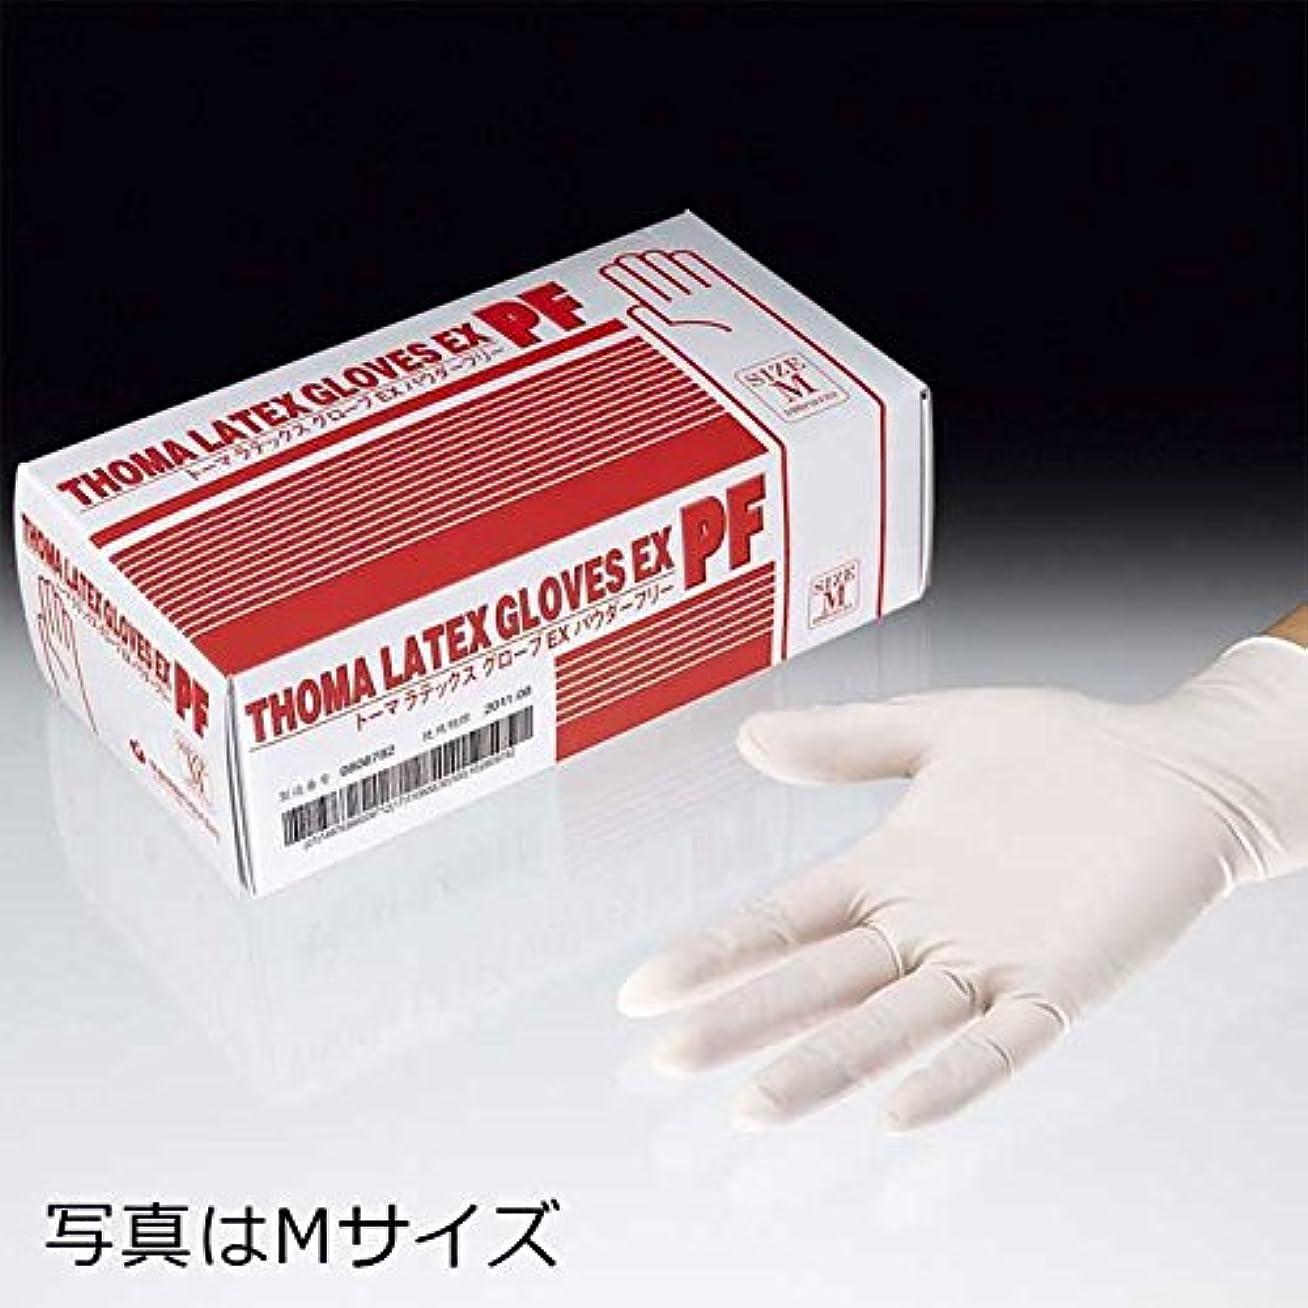 水平更新する電信トーマラテックス手袋EX PF 天然ゴム 使い捨て手袋 粉なし2000枚 (100枚入り20箱) (SS)